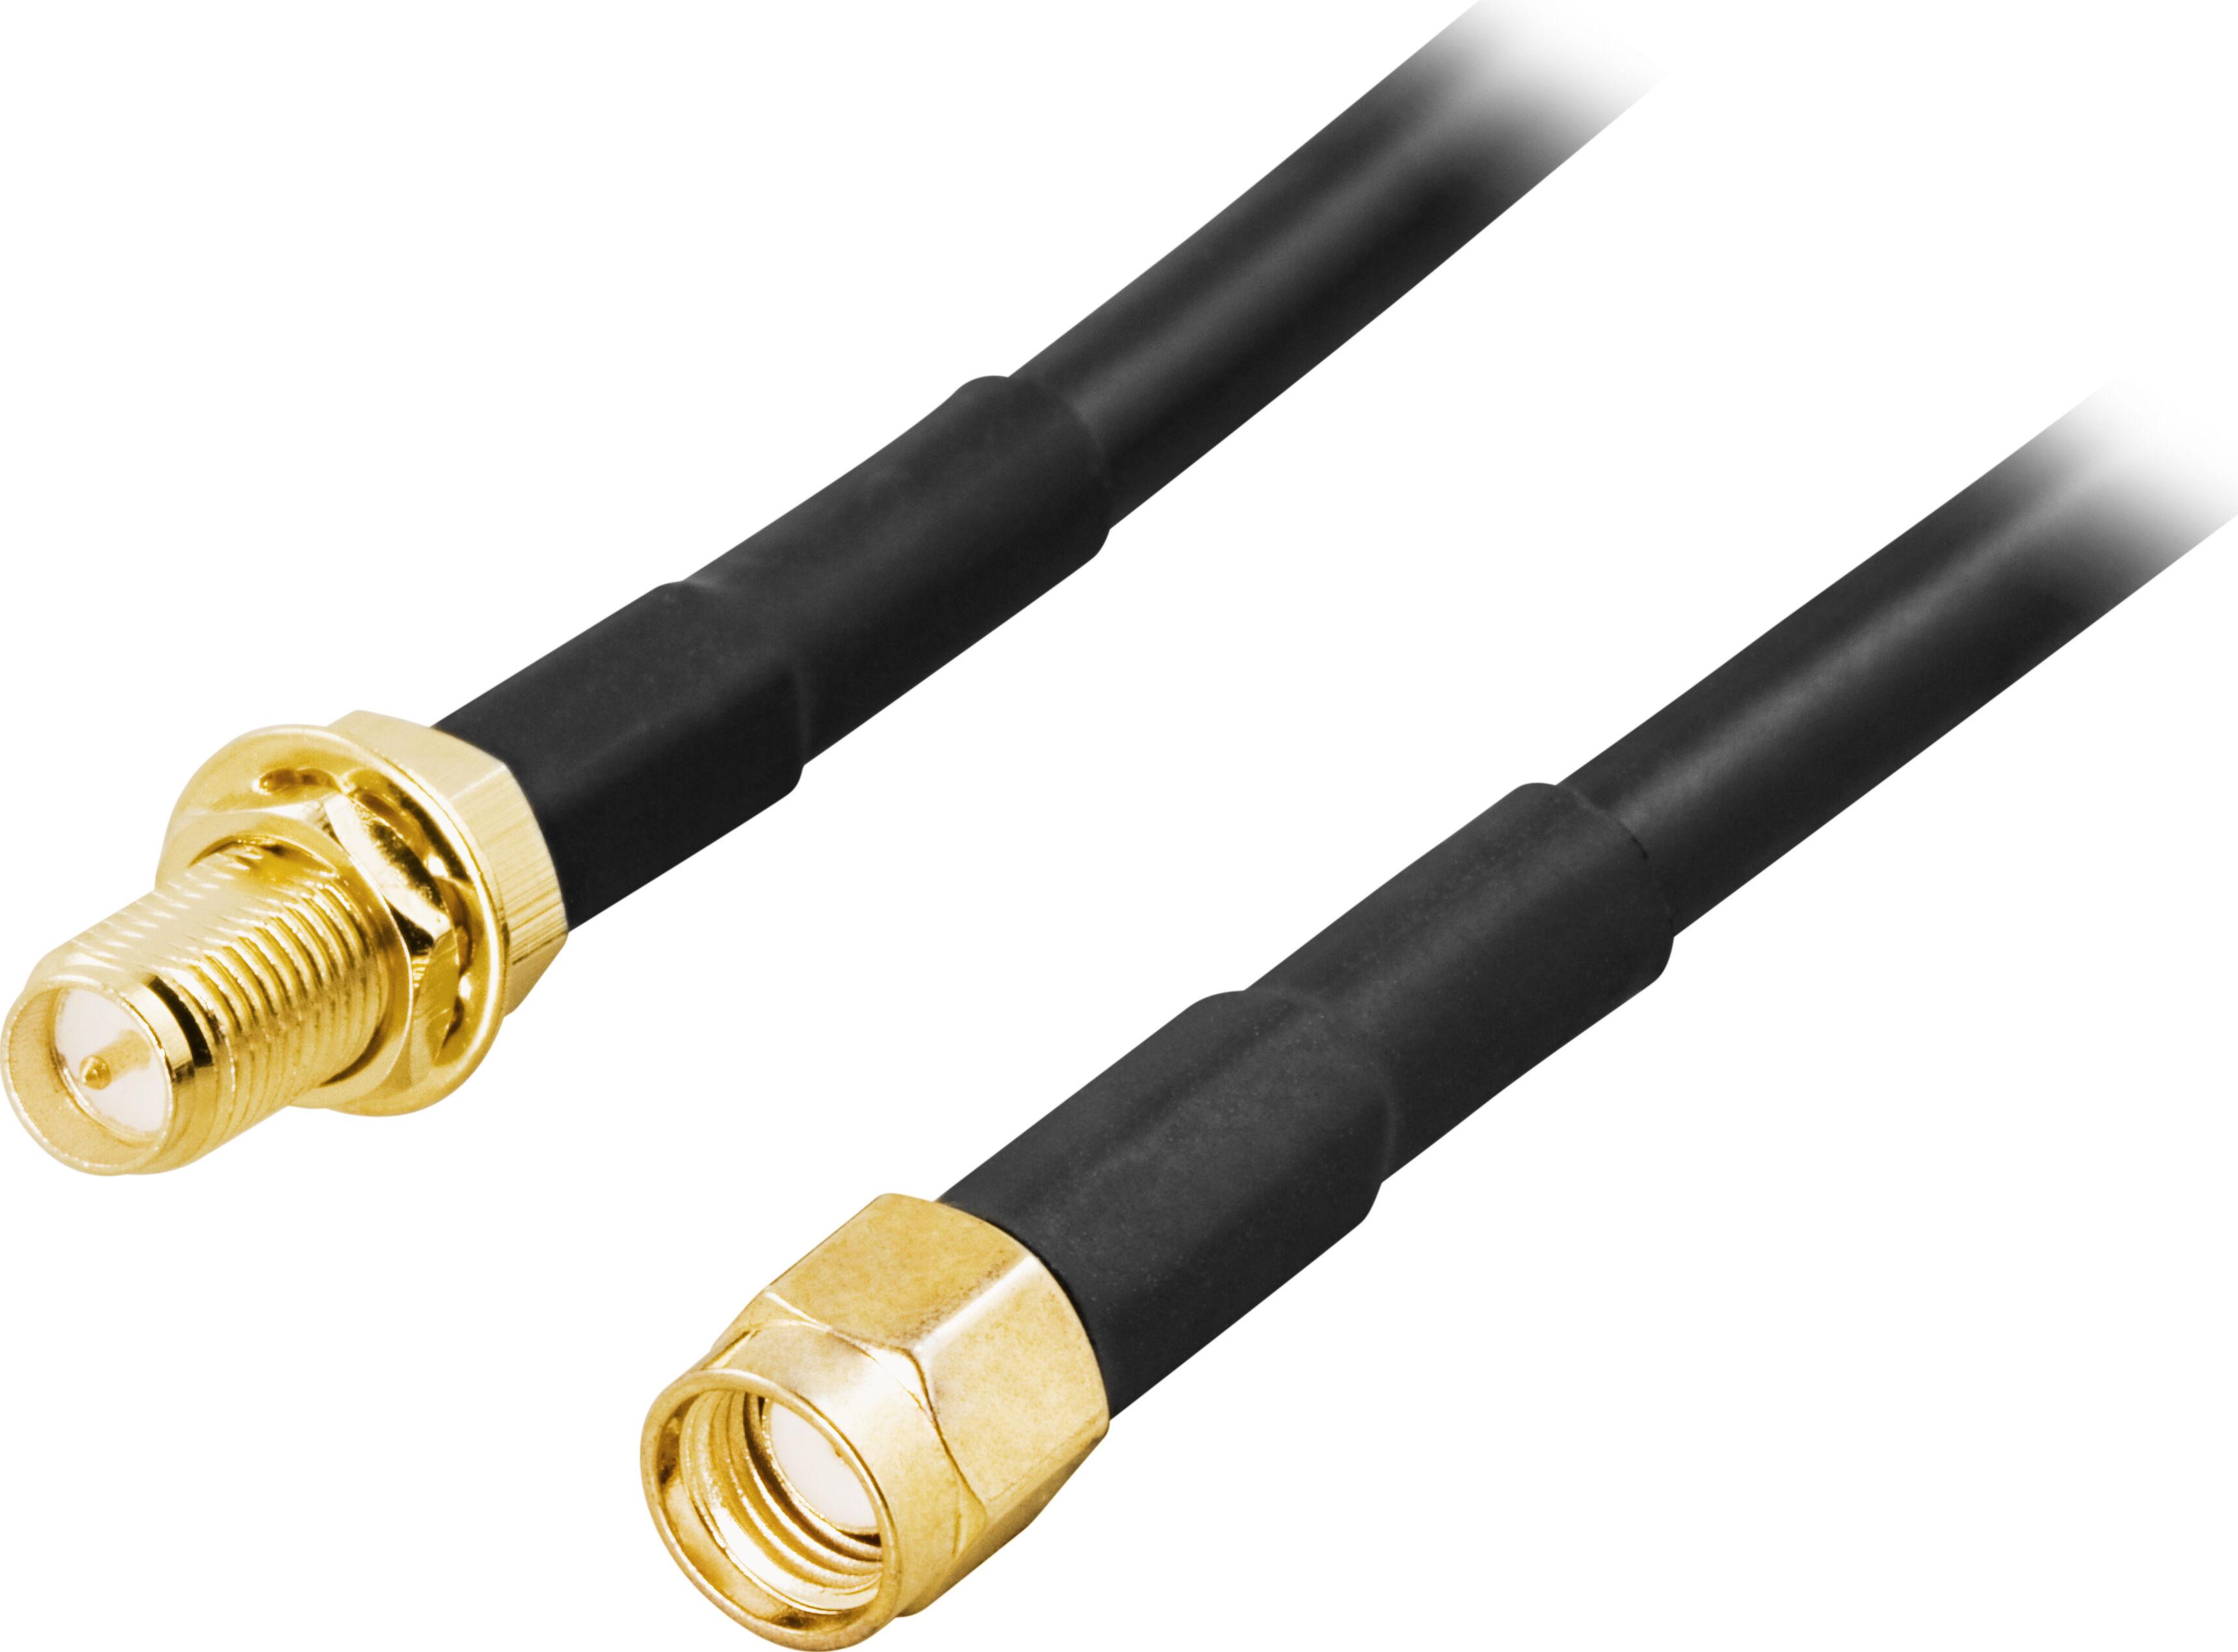 Deltaco SMA-FM300 Deltaco antennekabel, RP-SMA hann - RP-SMA hunn, 3m (Kan sendes i brev)